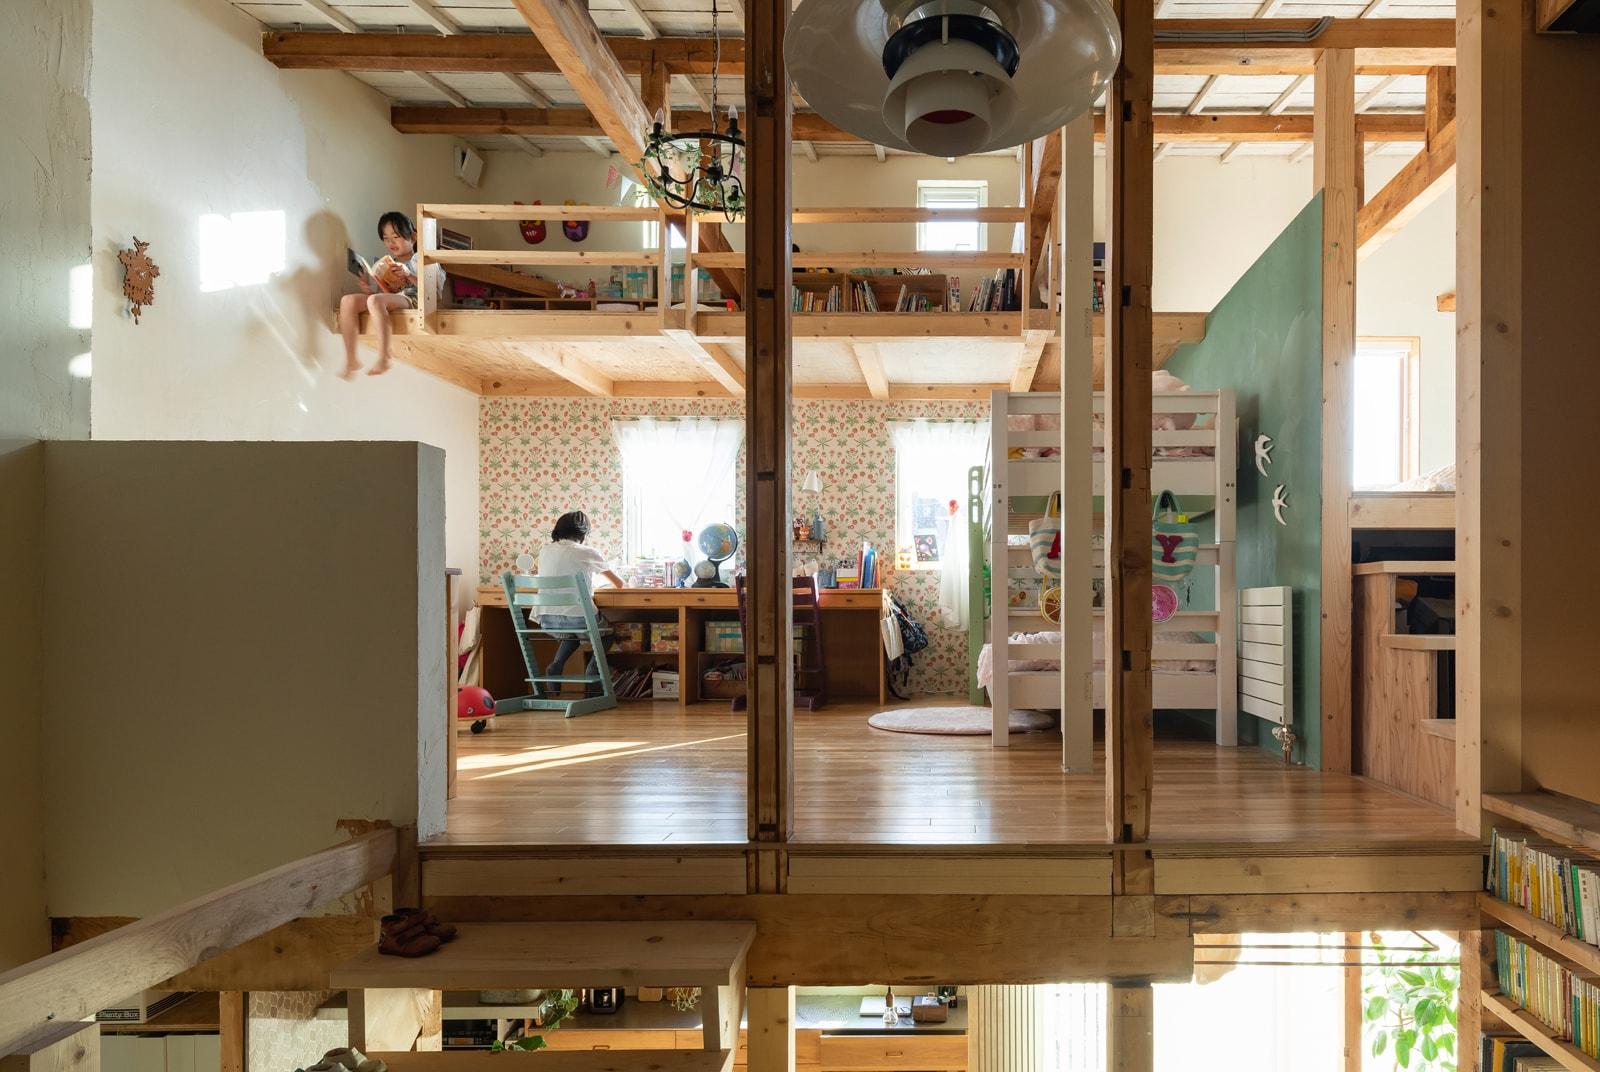 上・下・横の各方向に抜けがあるオープンな子ども部屋。部屋の一部がそのまま通路に。姉妹の2段ベッドからロフトへ出入りできる